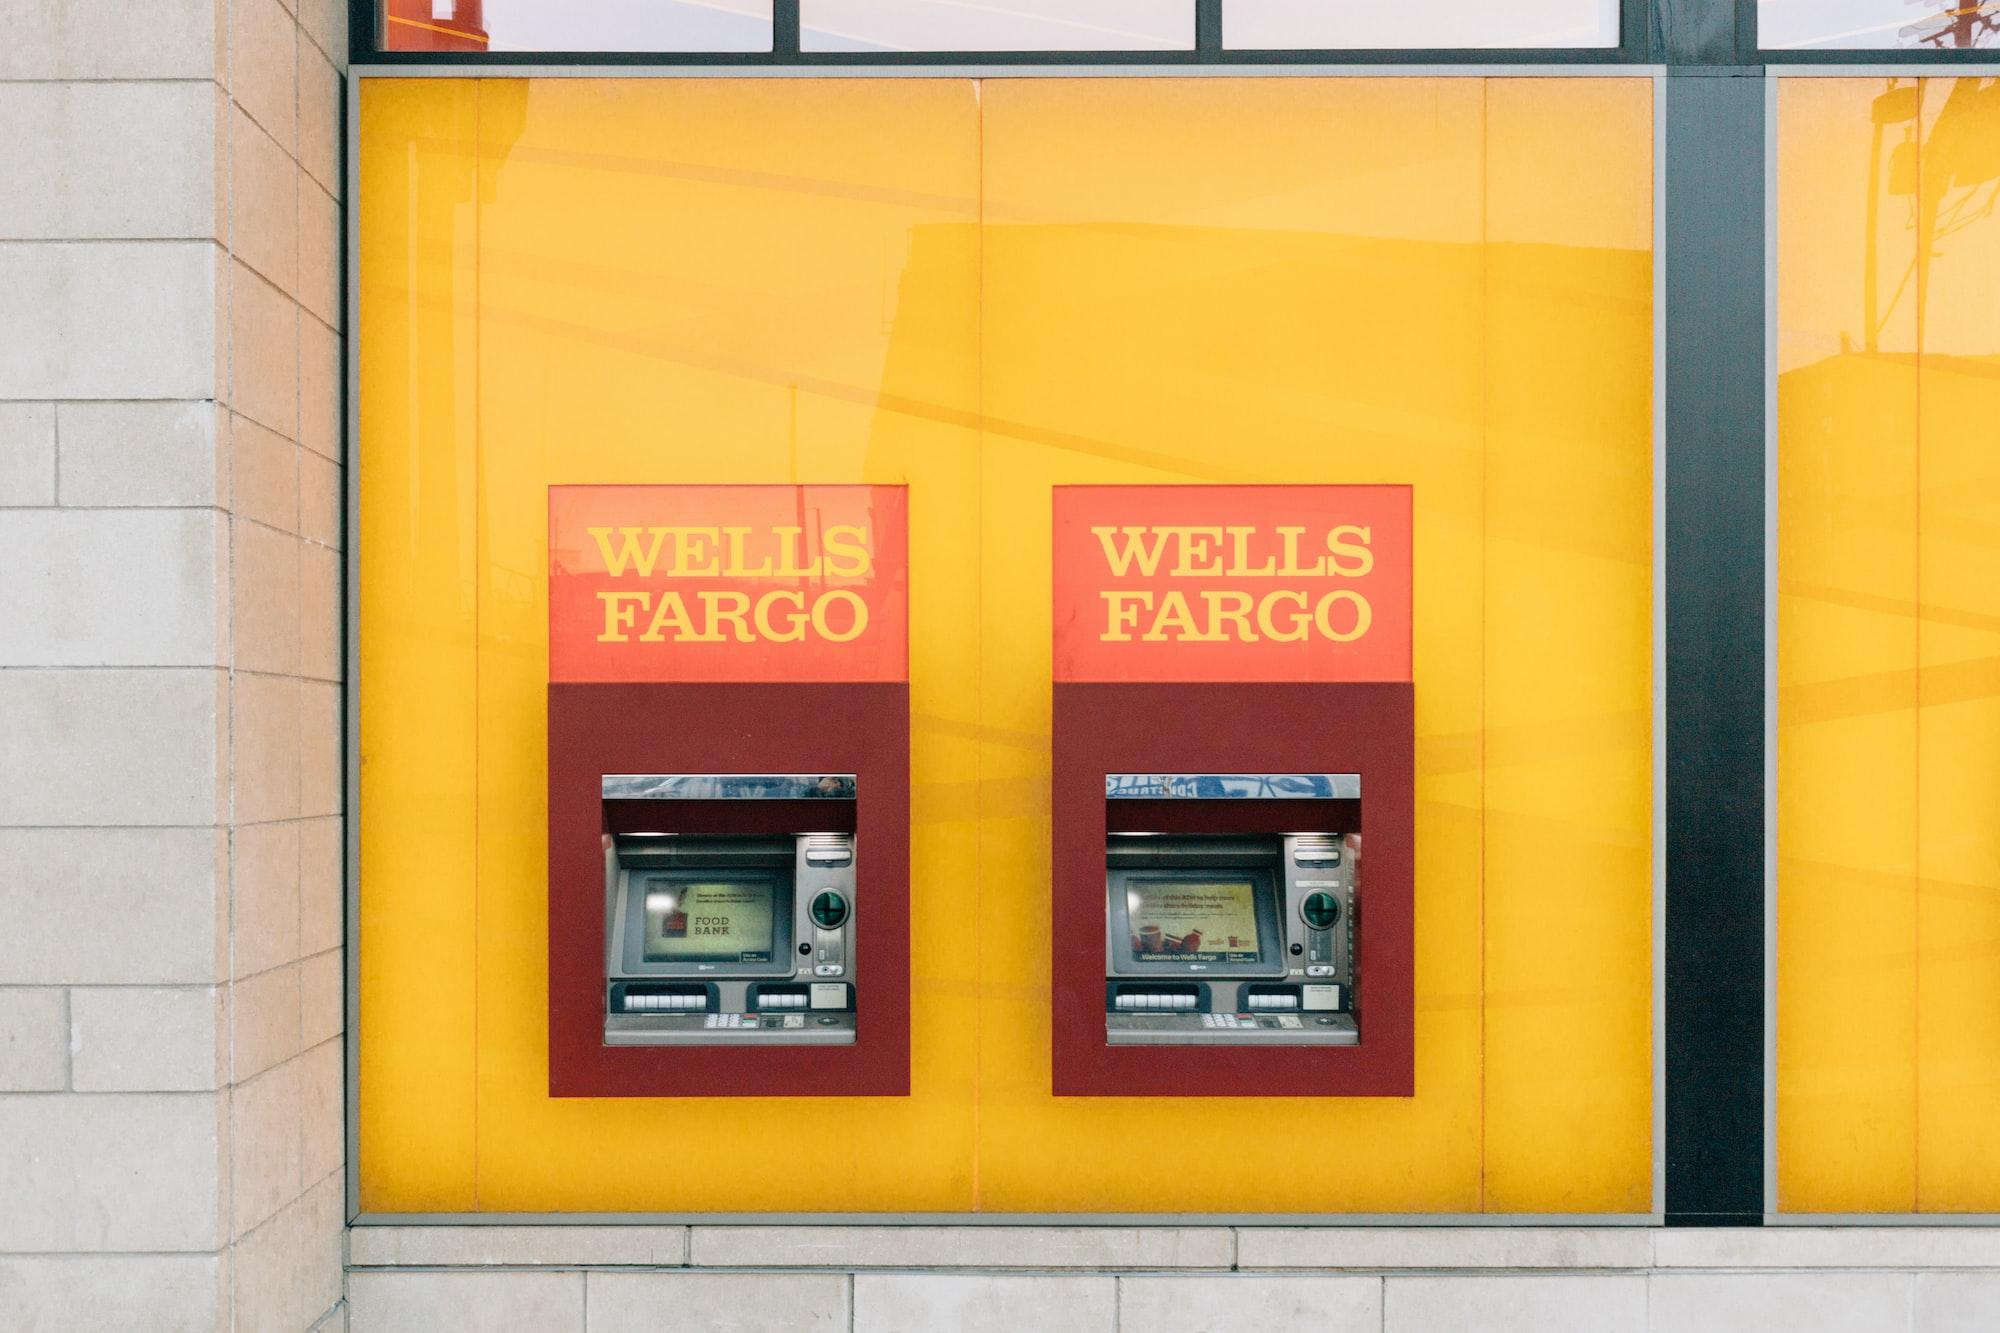 Quand et comment faire une saisie sur compte bancaire?